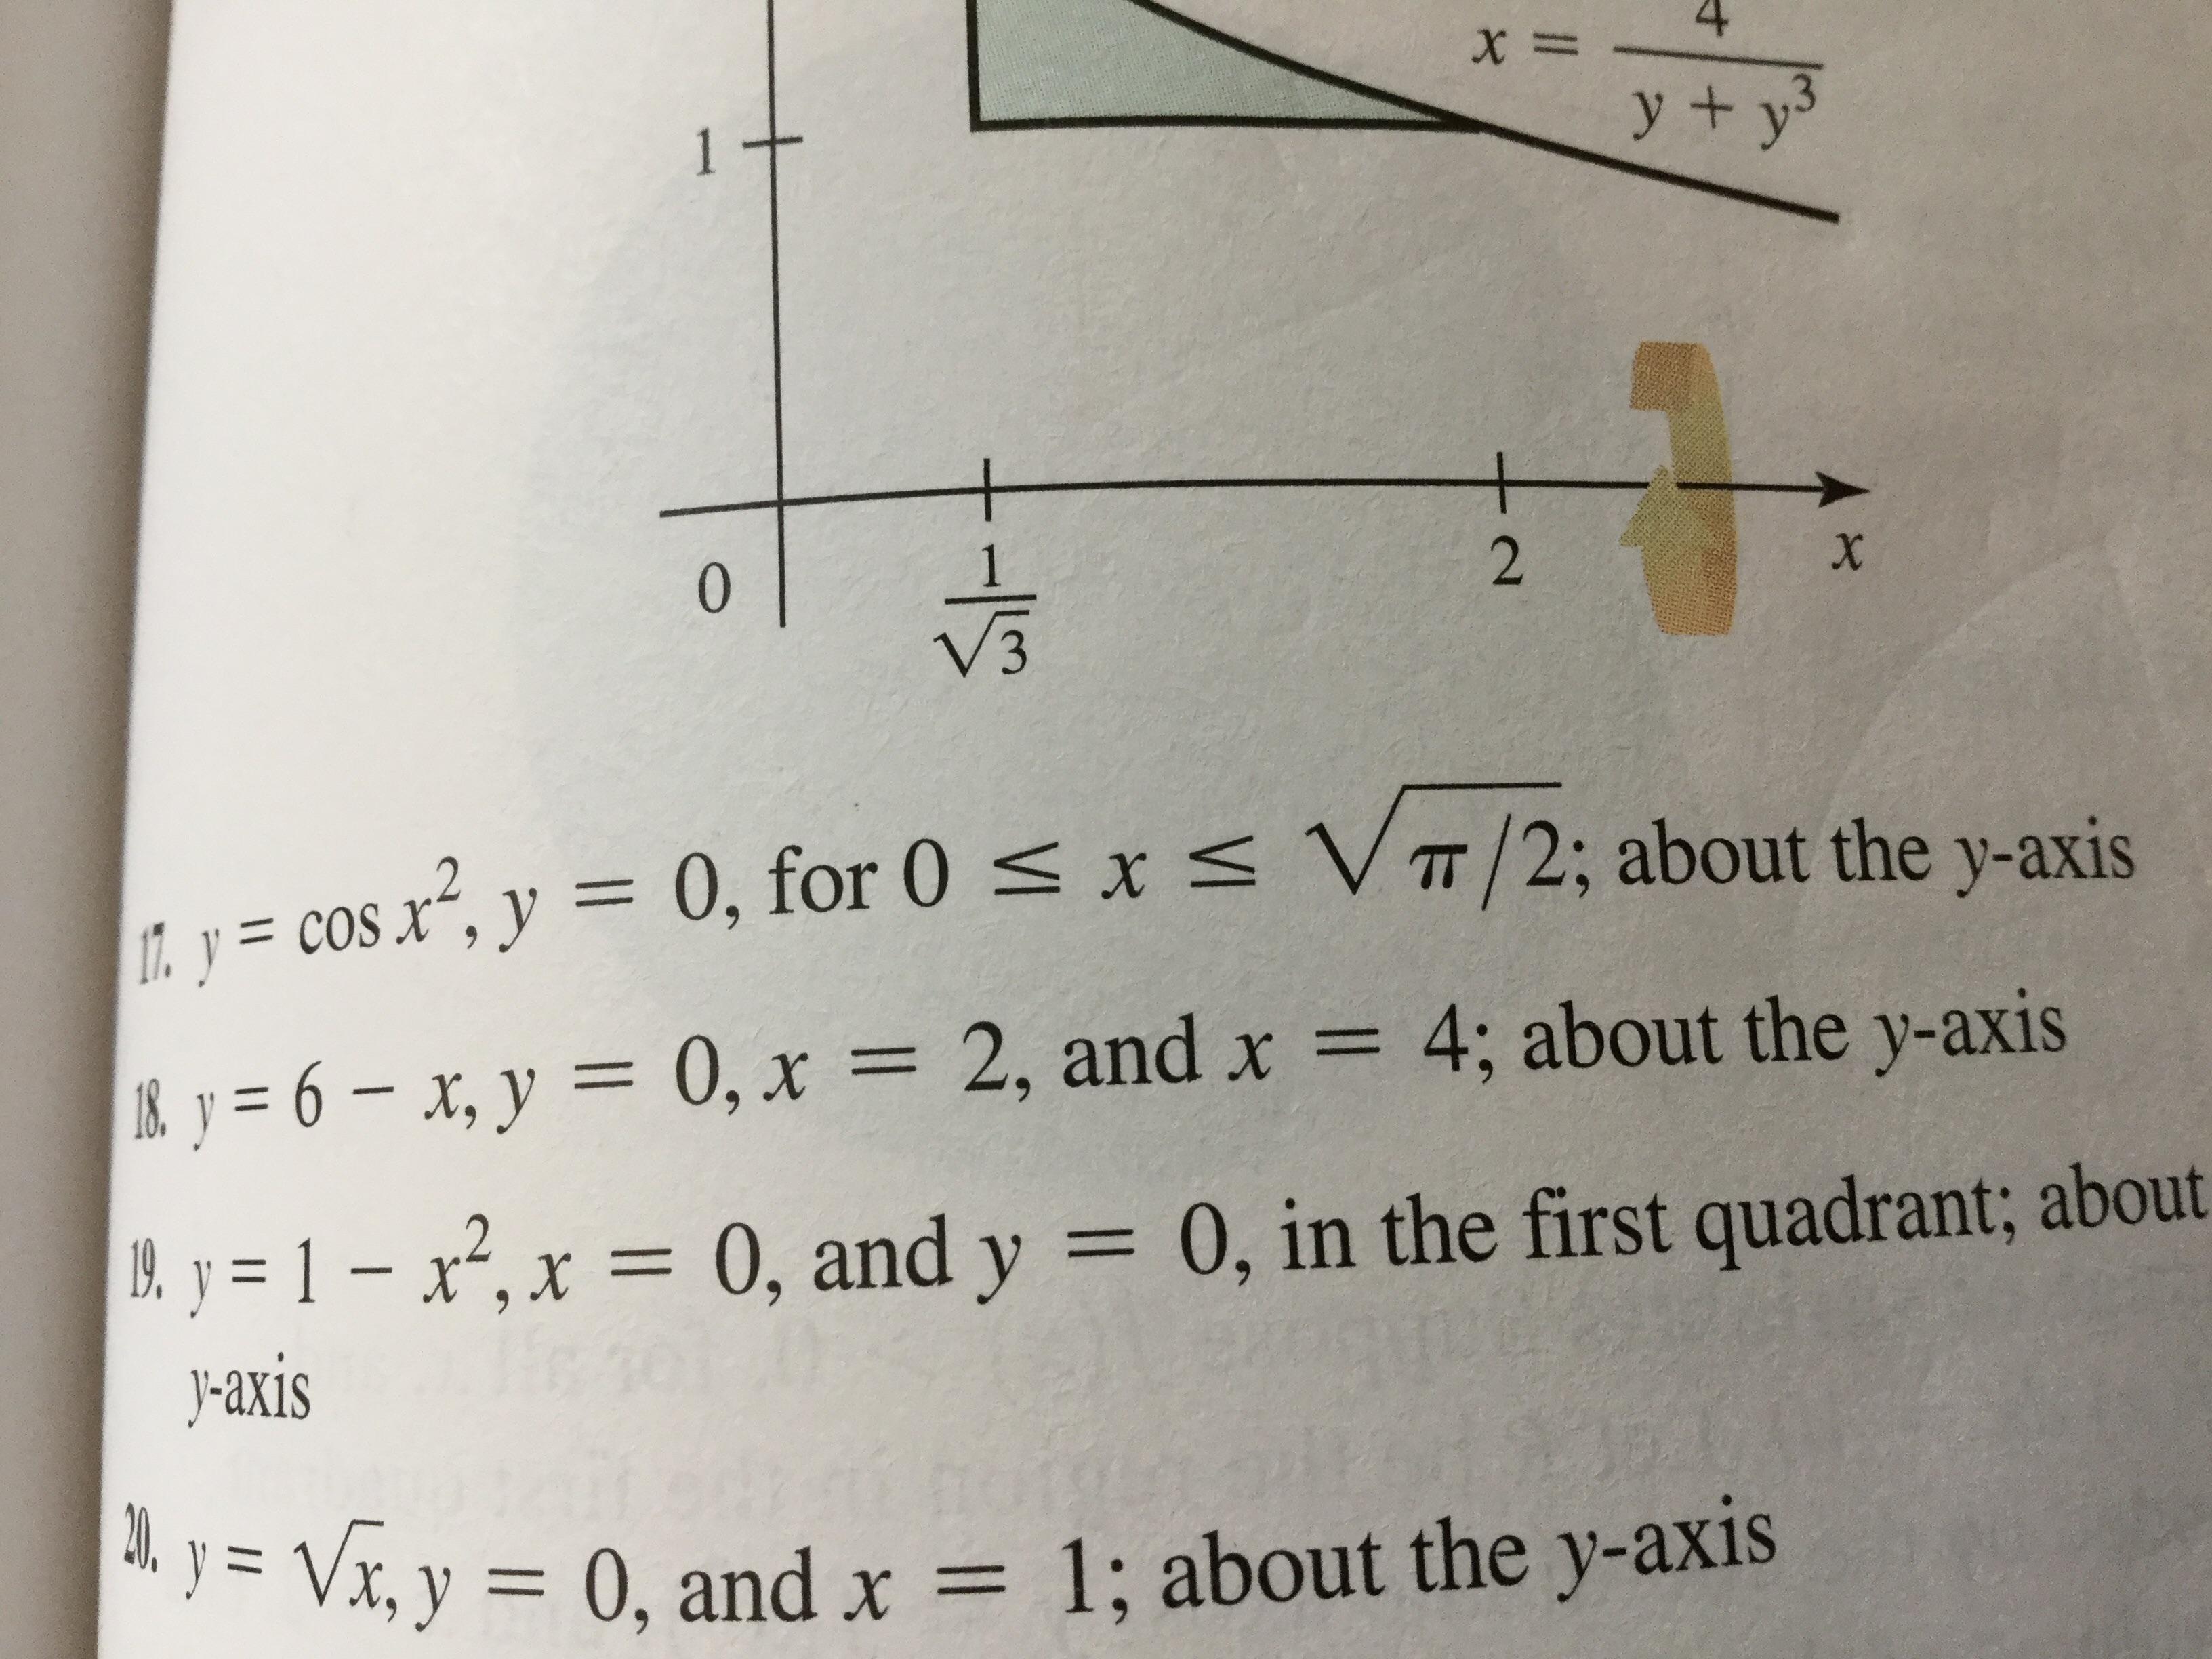 X= y + y 1+ 2 X 0 1. y =cos x, y 0, for 0 x VIT/2; about the y-axis &y=6-x, y = 0, x = 2, and x = 4; about the y-axis 0, in the first quadrant; about B. y=1-x2, x = 0, and y -axis Vx, y 0, and x = 1; about the y-axis